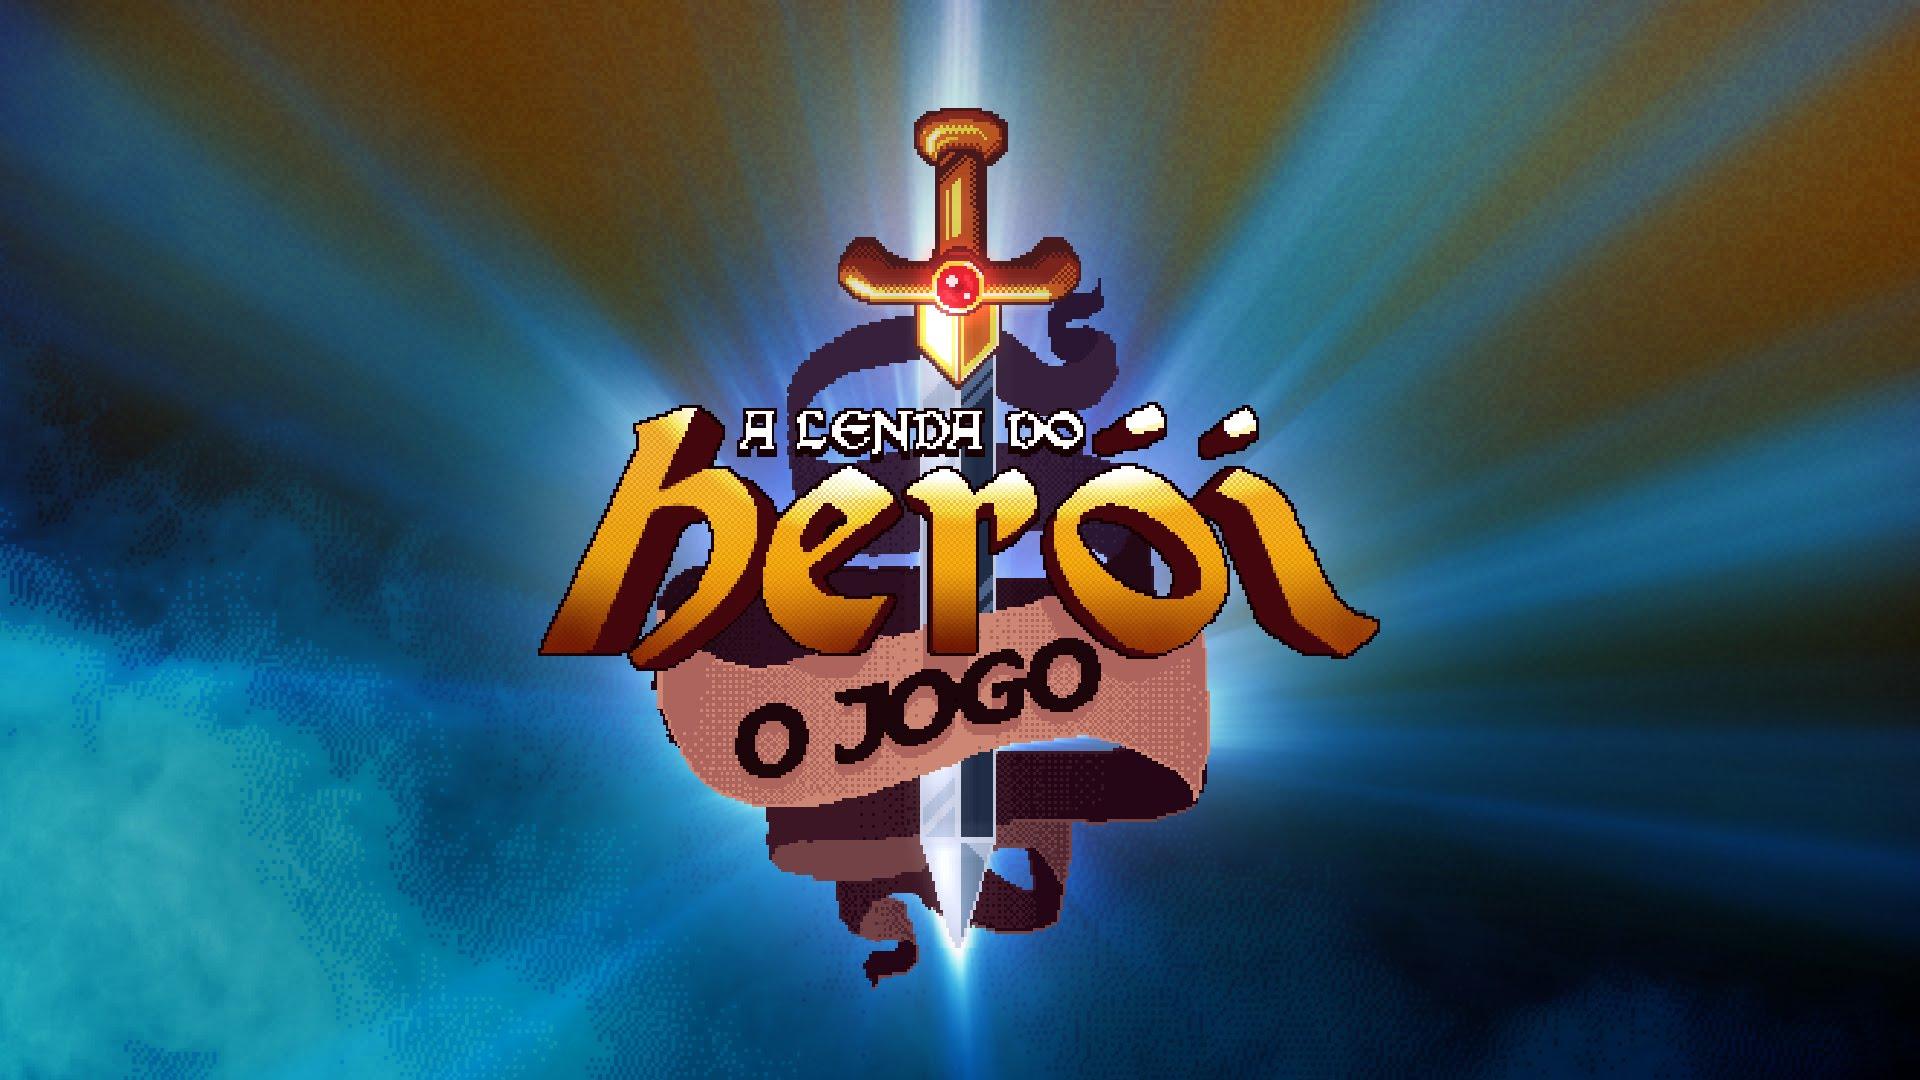 a-lenda-do-heroi-o-jogo-01-1920x1080